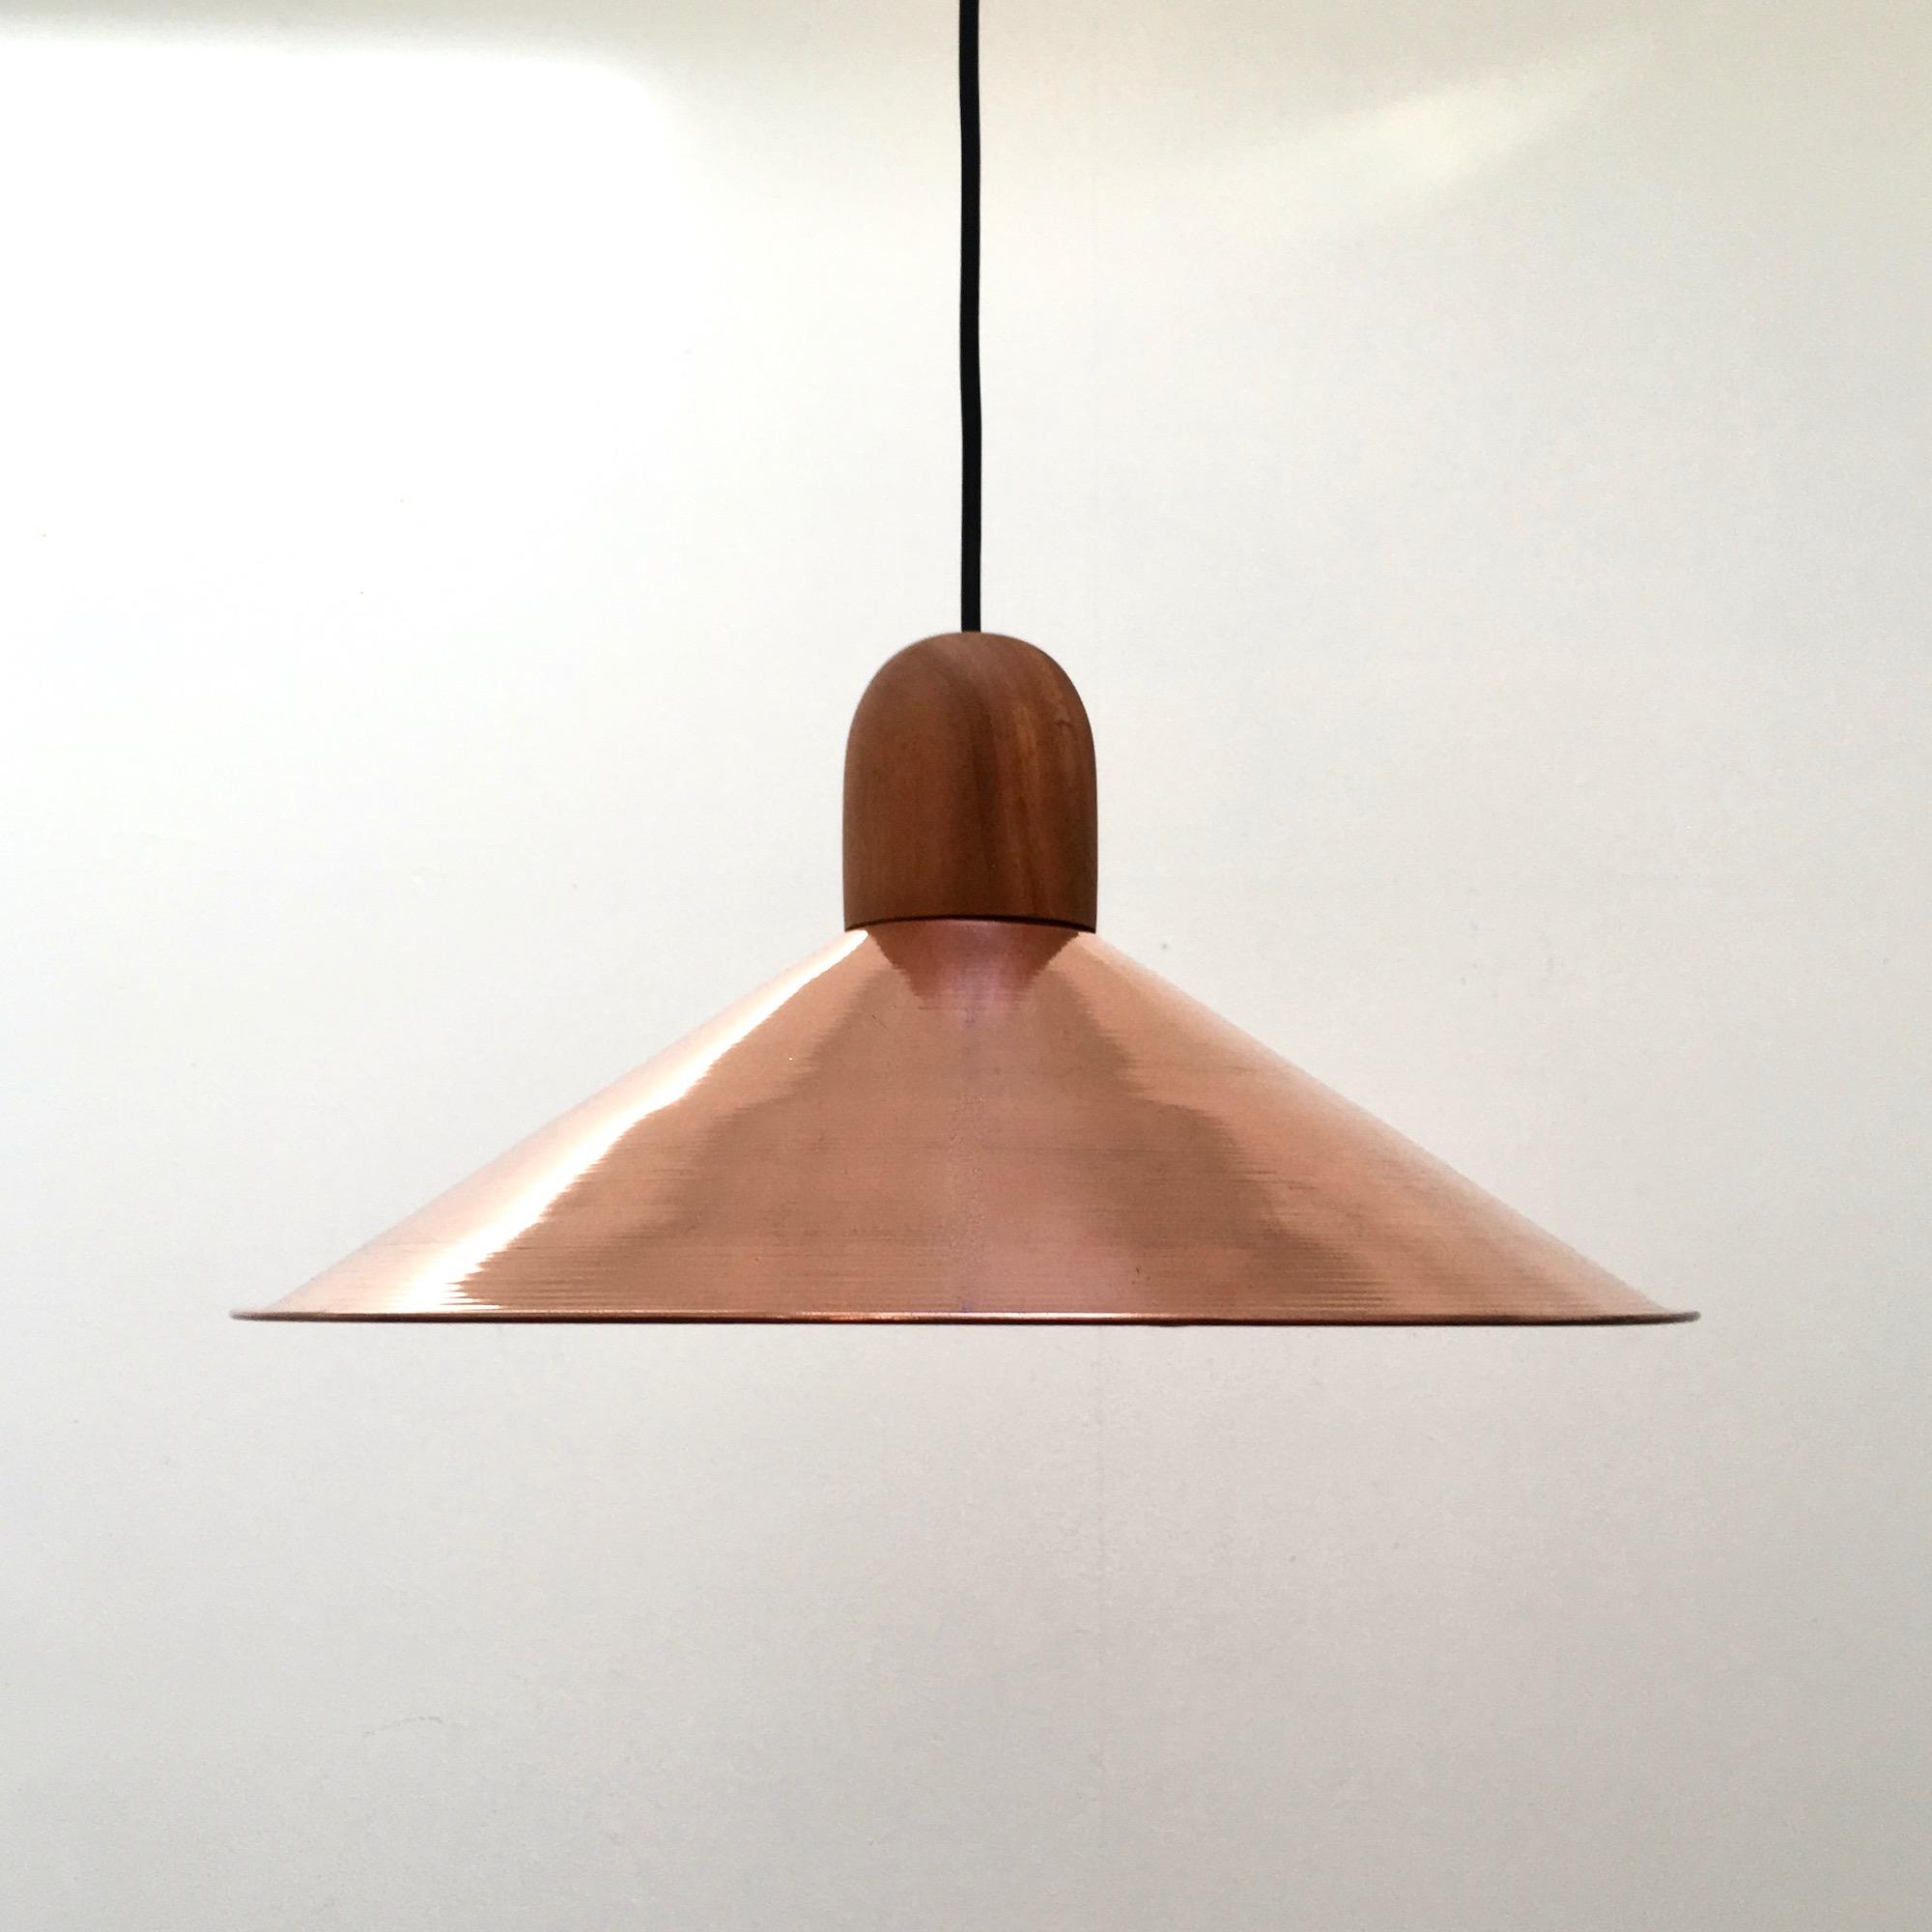 suspension cuivre trendy suspension lampes design market set oros cuivre mtal with suspension. Black Bedroom Furniture Sets. Home Design Ideas